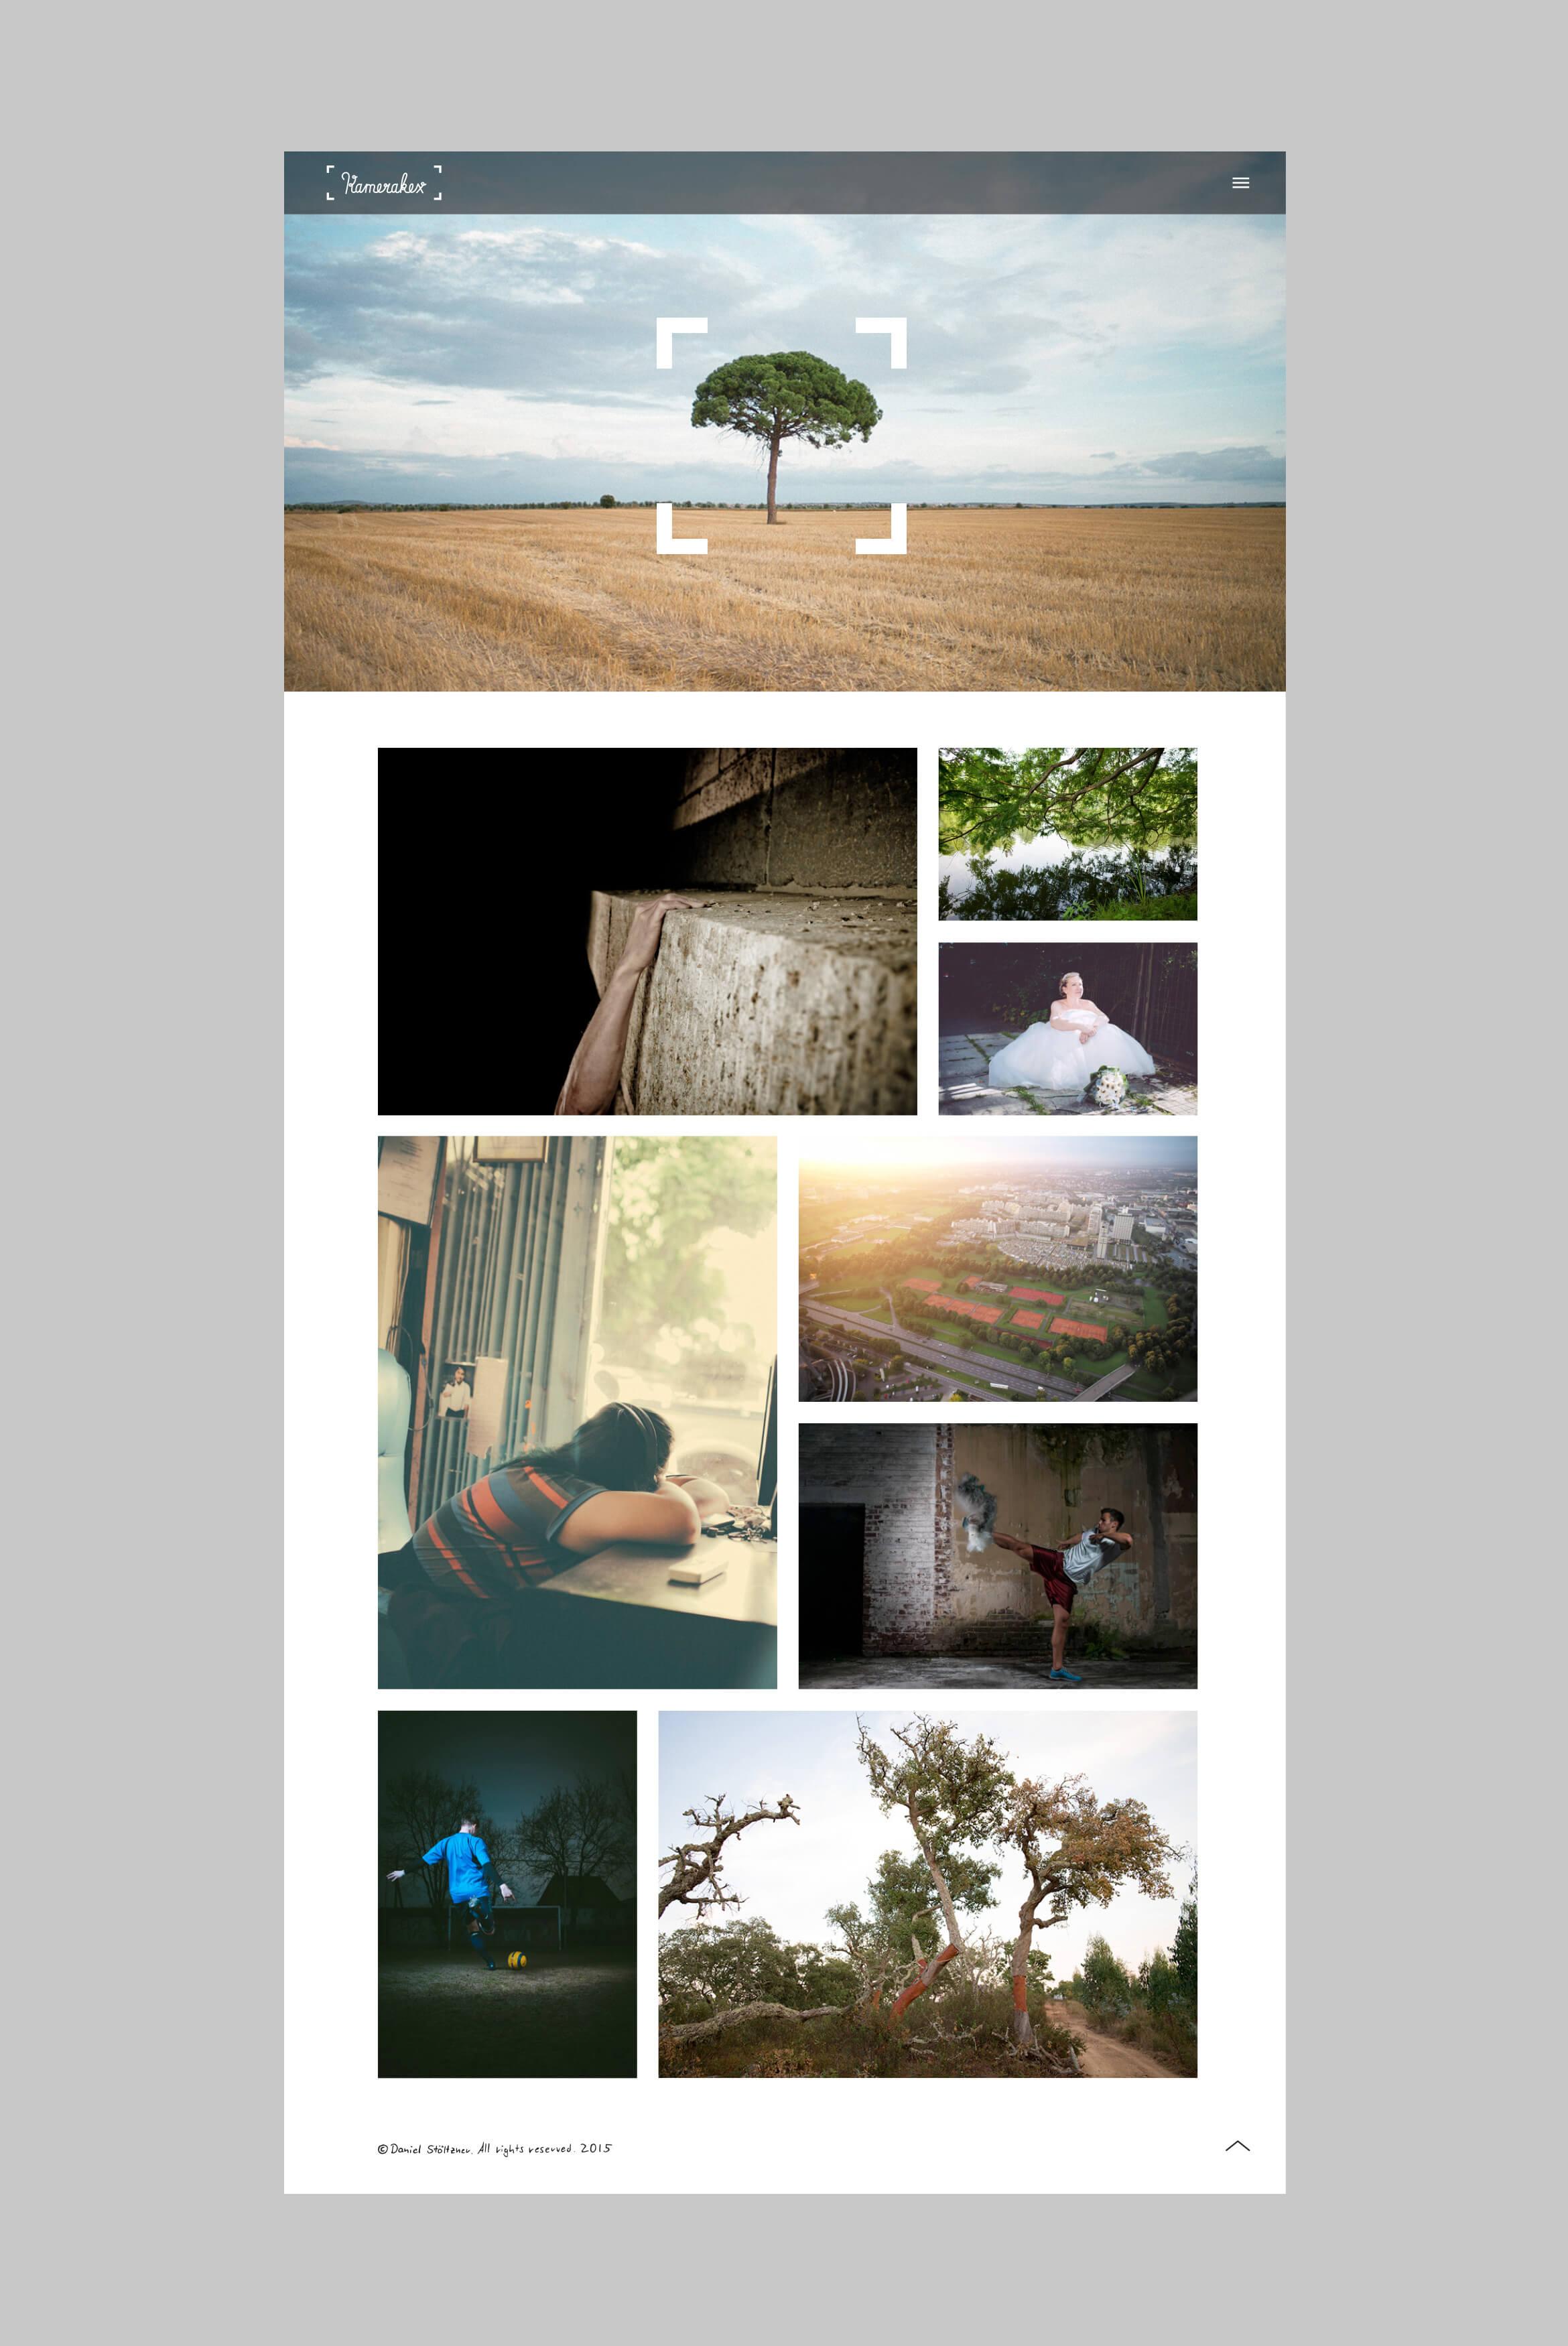 dreizehnundfuenf_design_studio_kamerakex_8